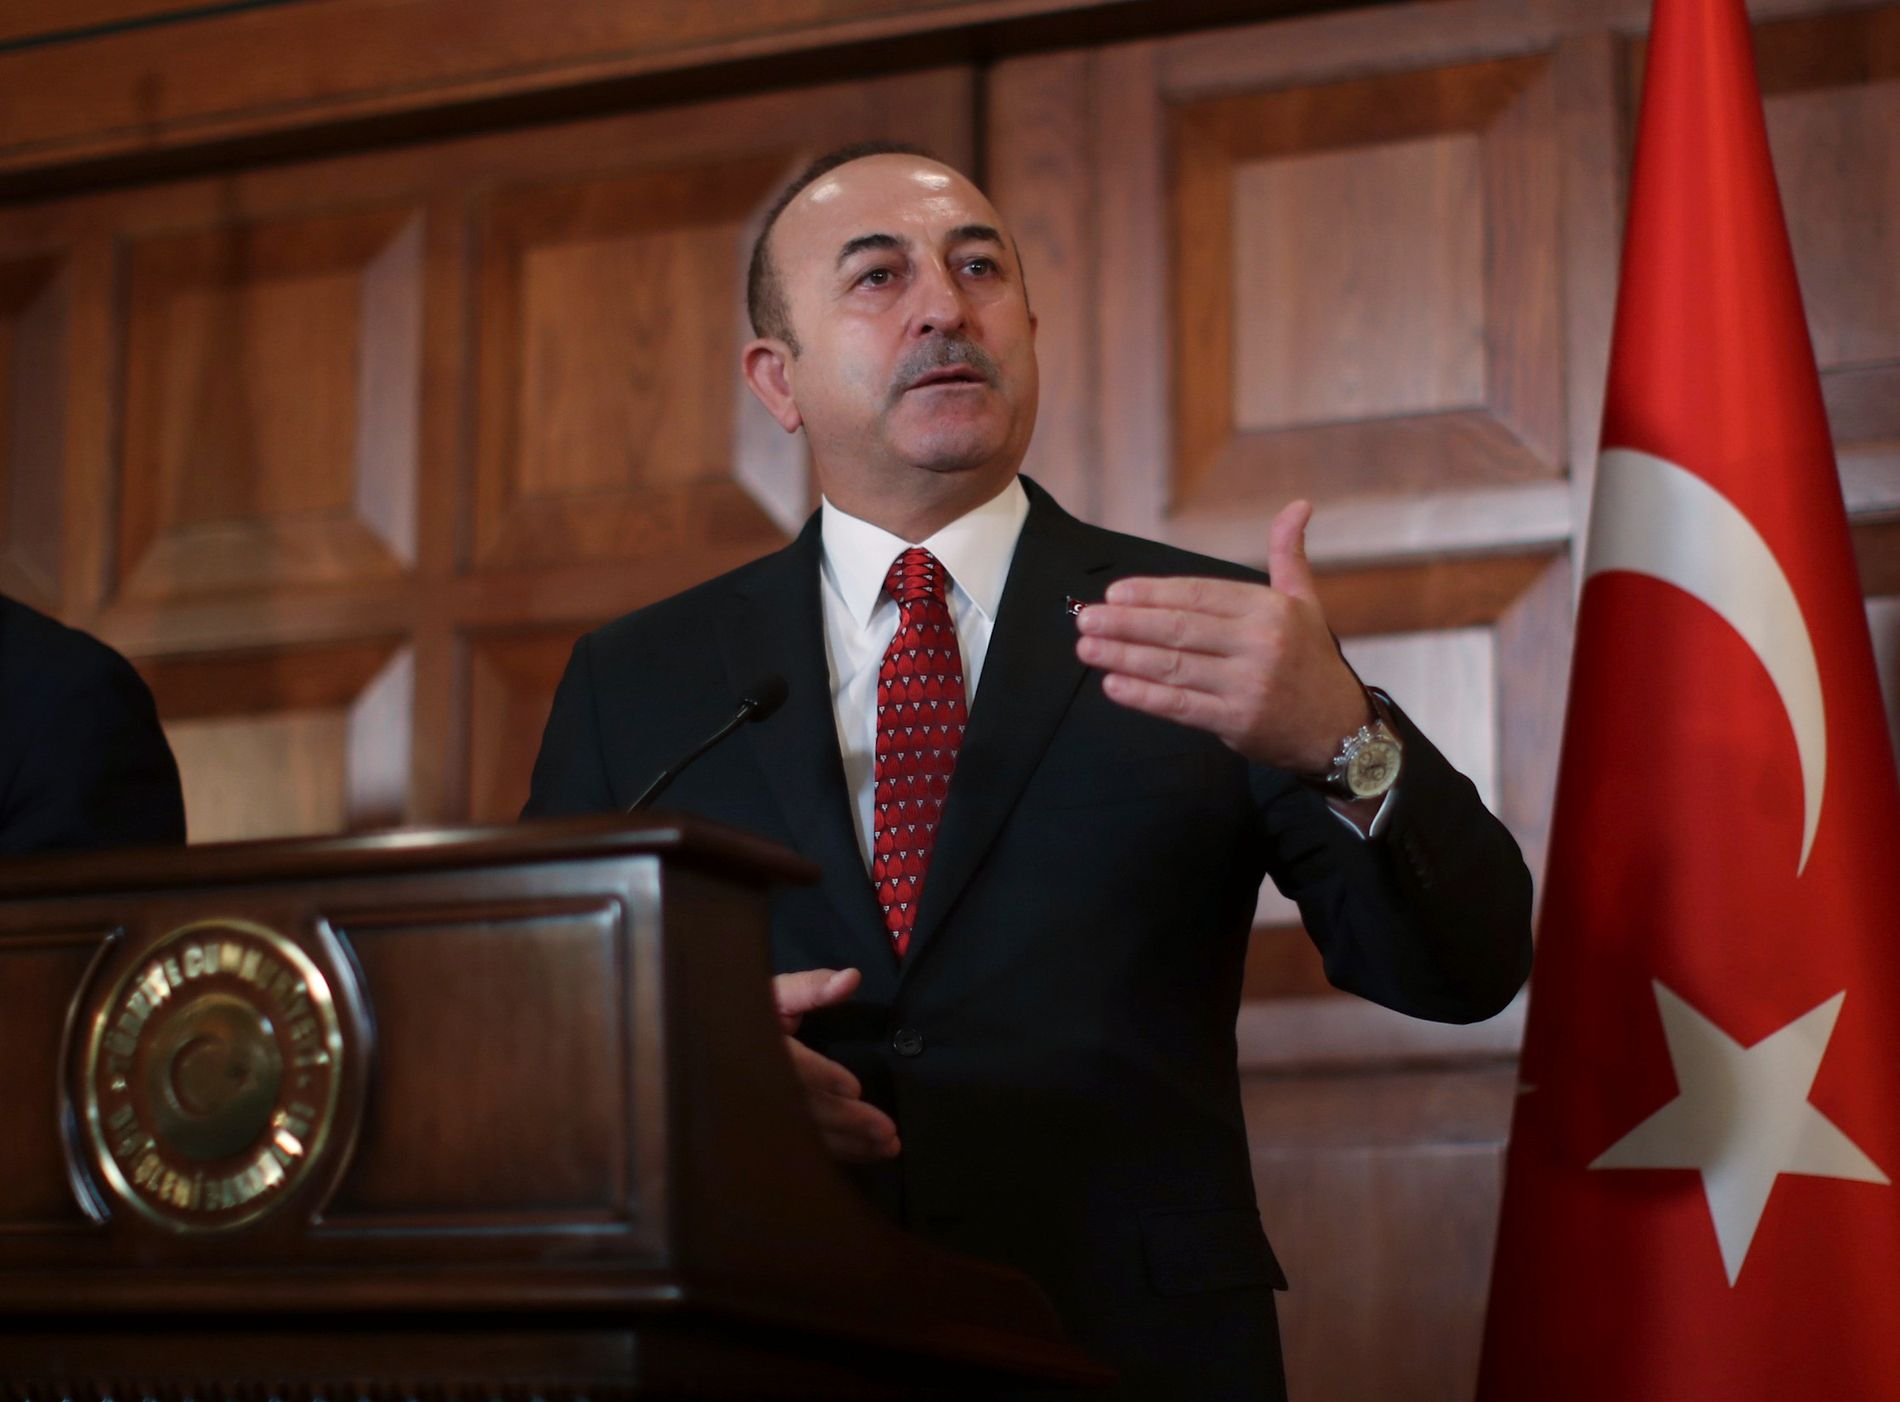 AVFEIER: Tyrkias utenriksminister Mevlüt Çavusoglu avfeier president Donald Trump, som sier at han vil knuse tyrkisk økonomi dersom tyrkerne angriper USAs kurdiske allierte i Syria.